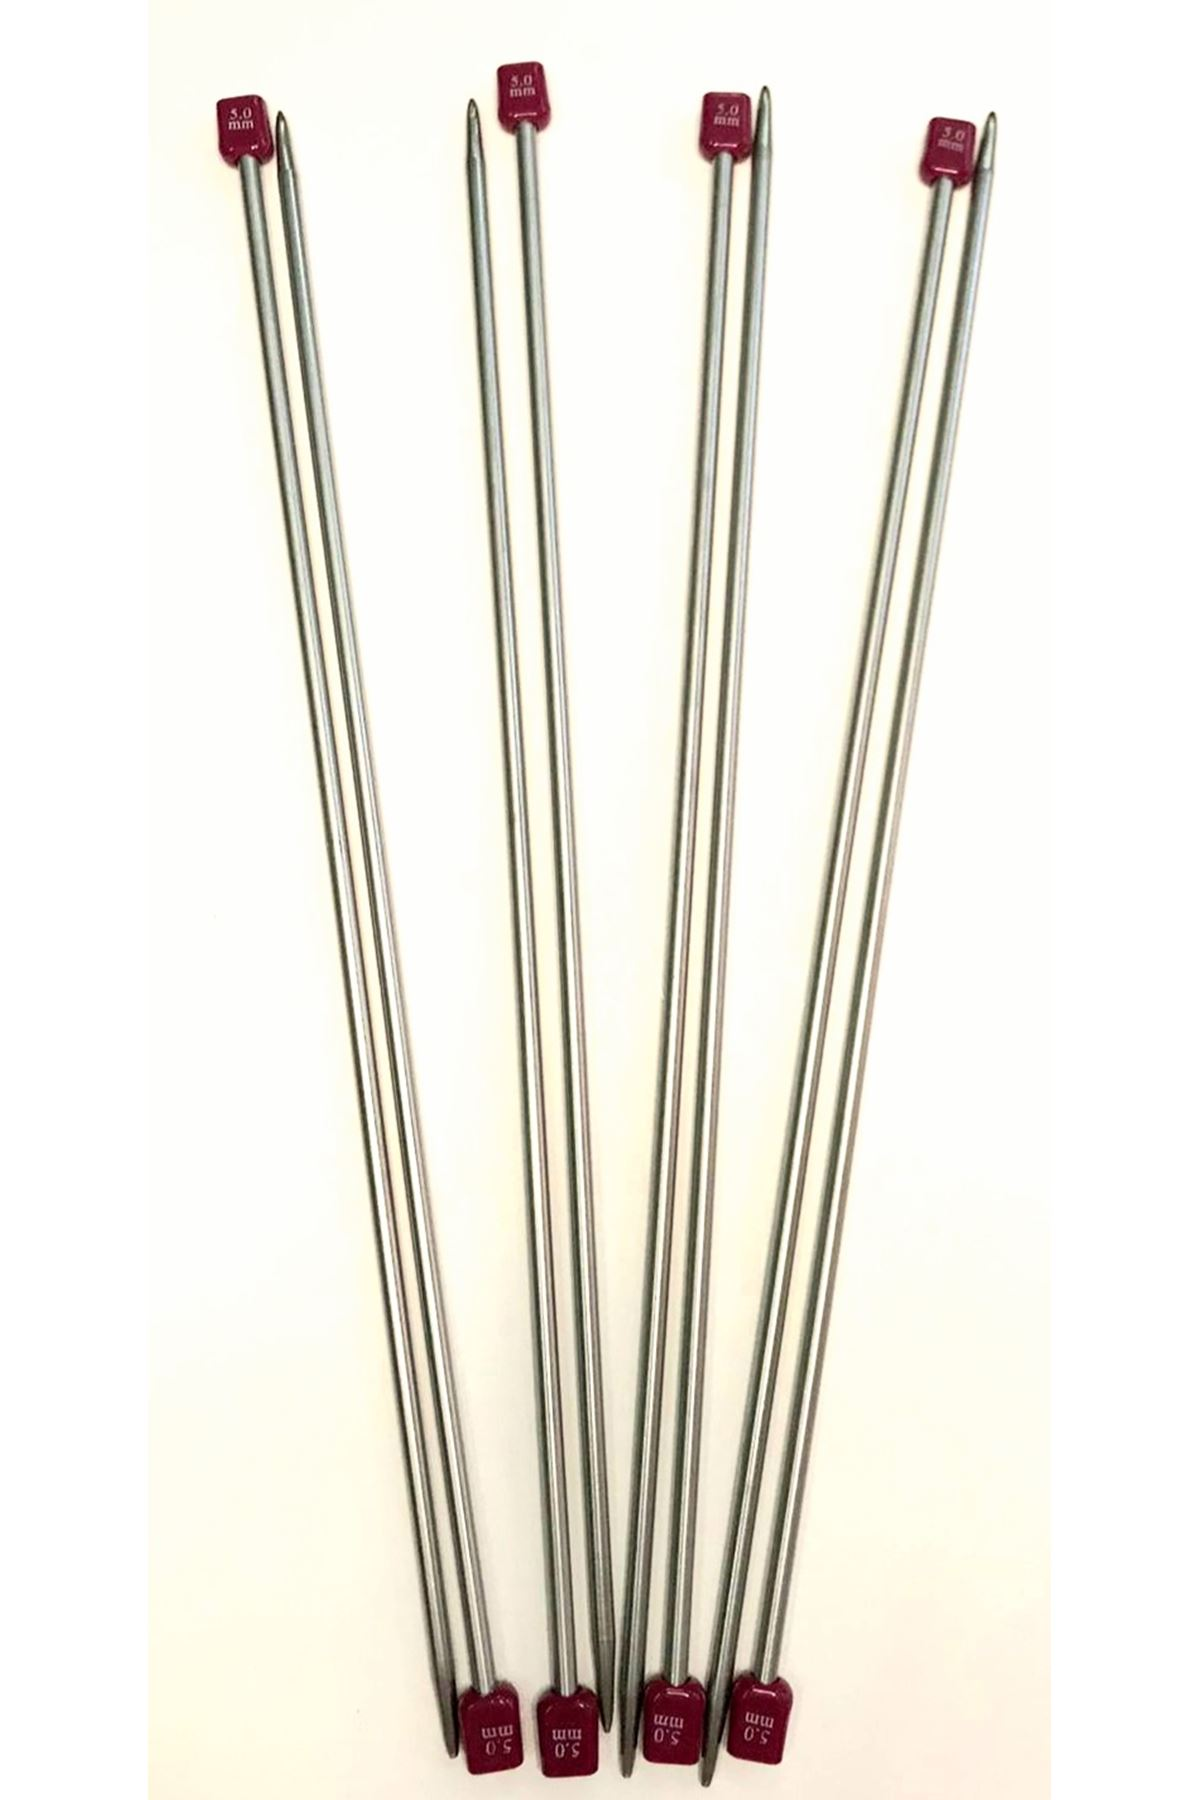 Titanyum/Çelik Şiş 6 mm